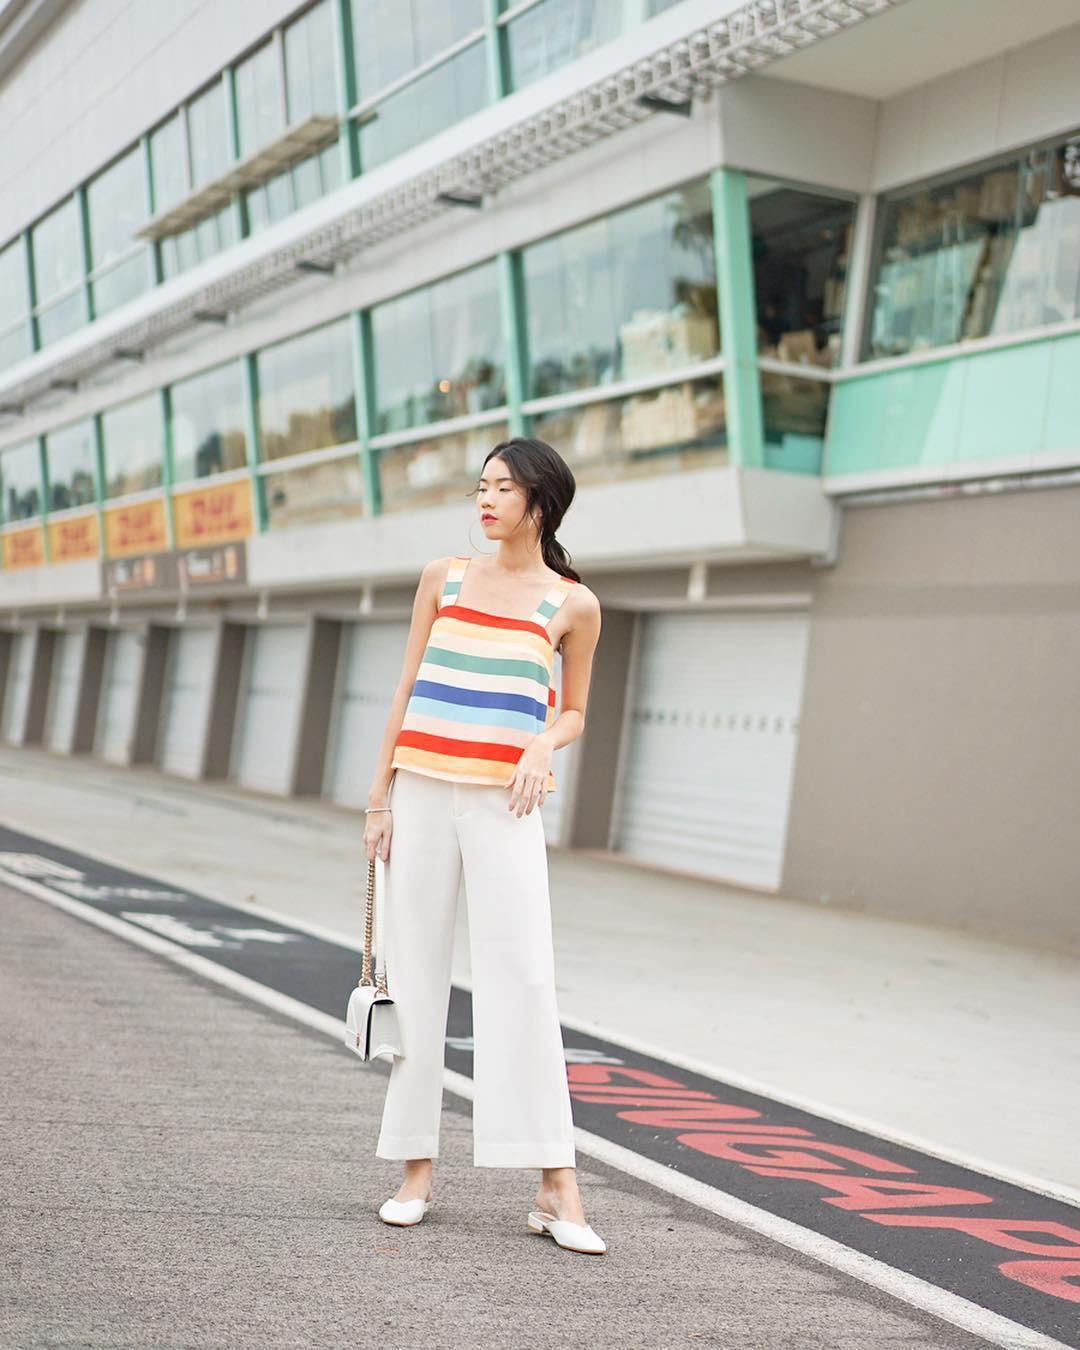 Diện quần ống rộng, bạn cứ mix với 4 kiểu áo sau là chắc cốp đẹp và sành điệu - Ảnh 7.